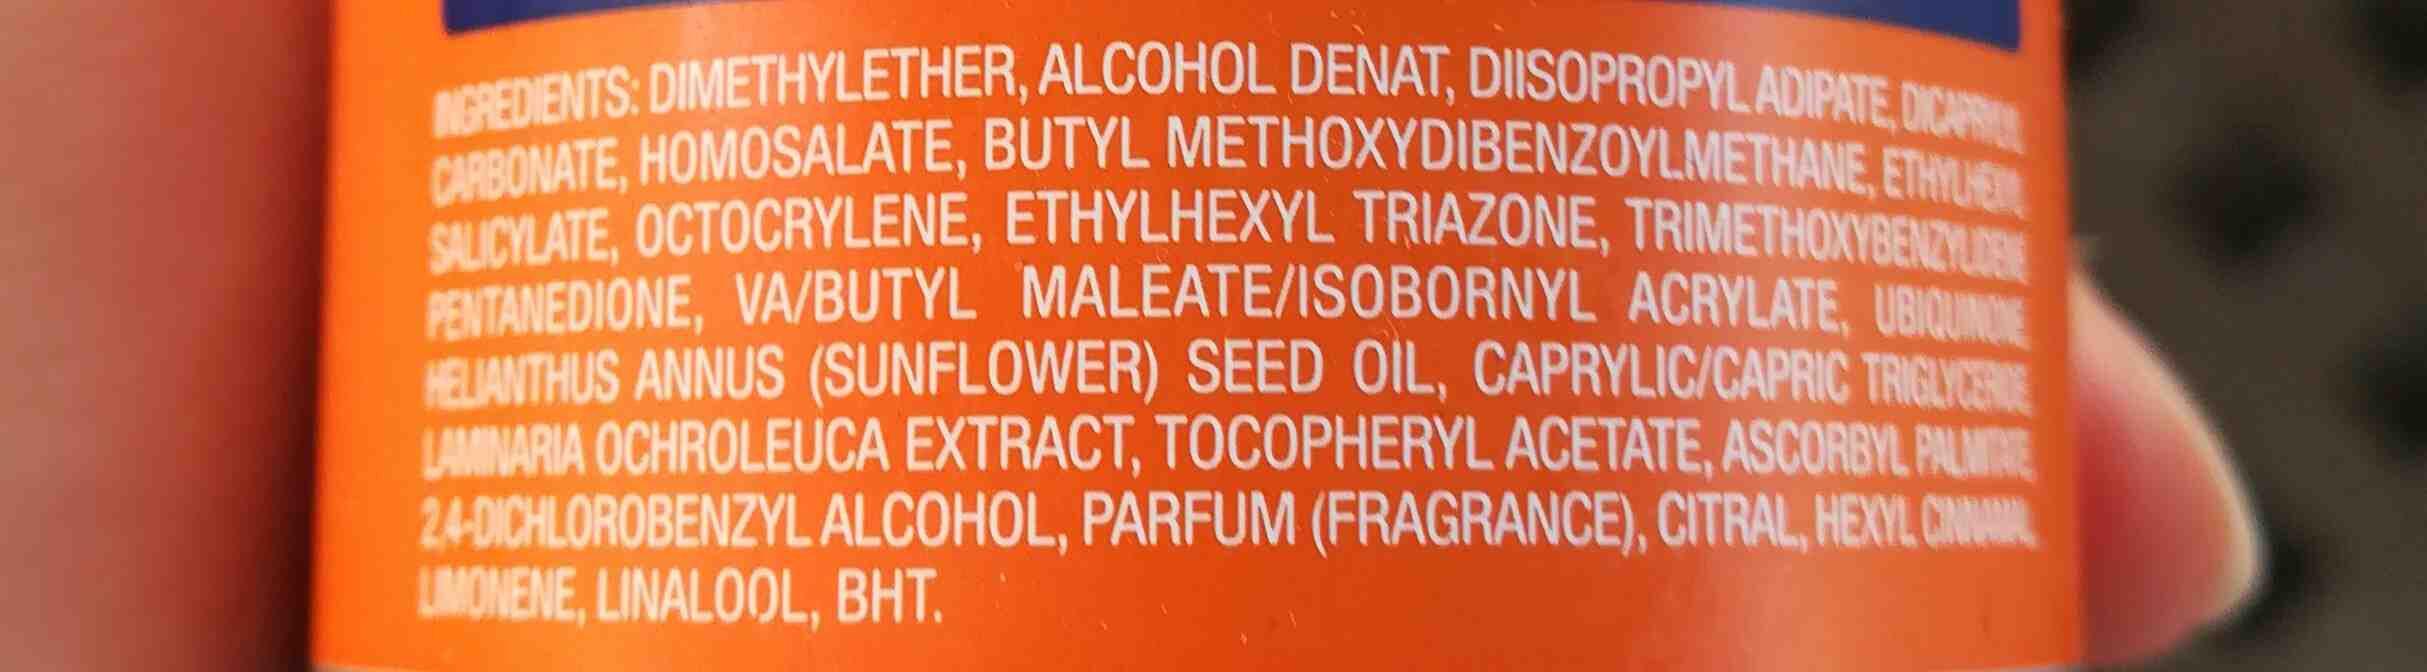 Bruma protectora - Ingredients - en